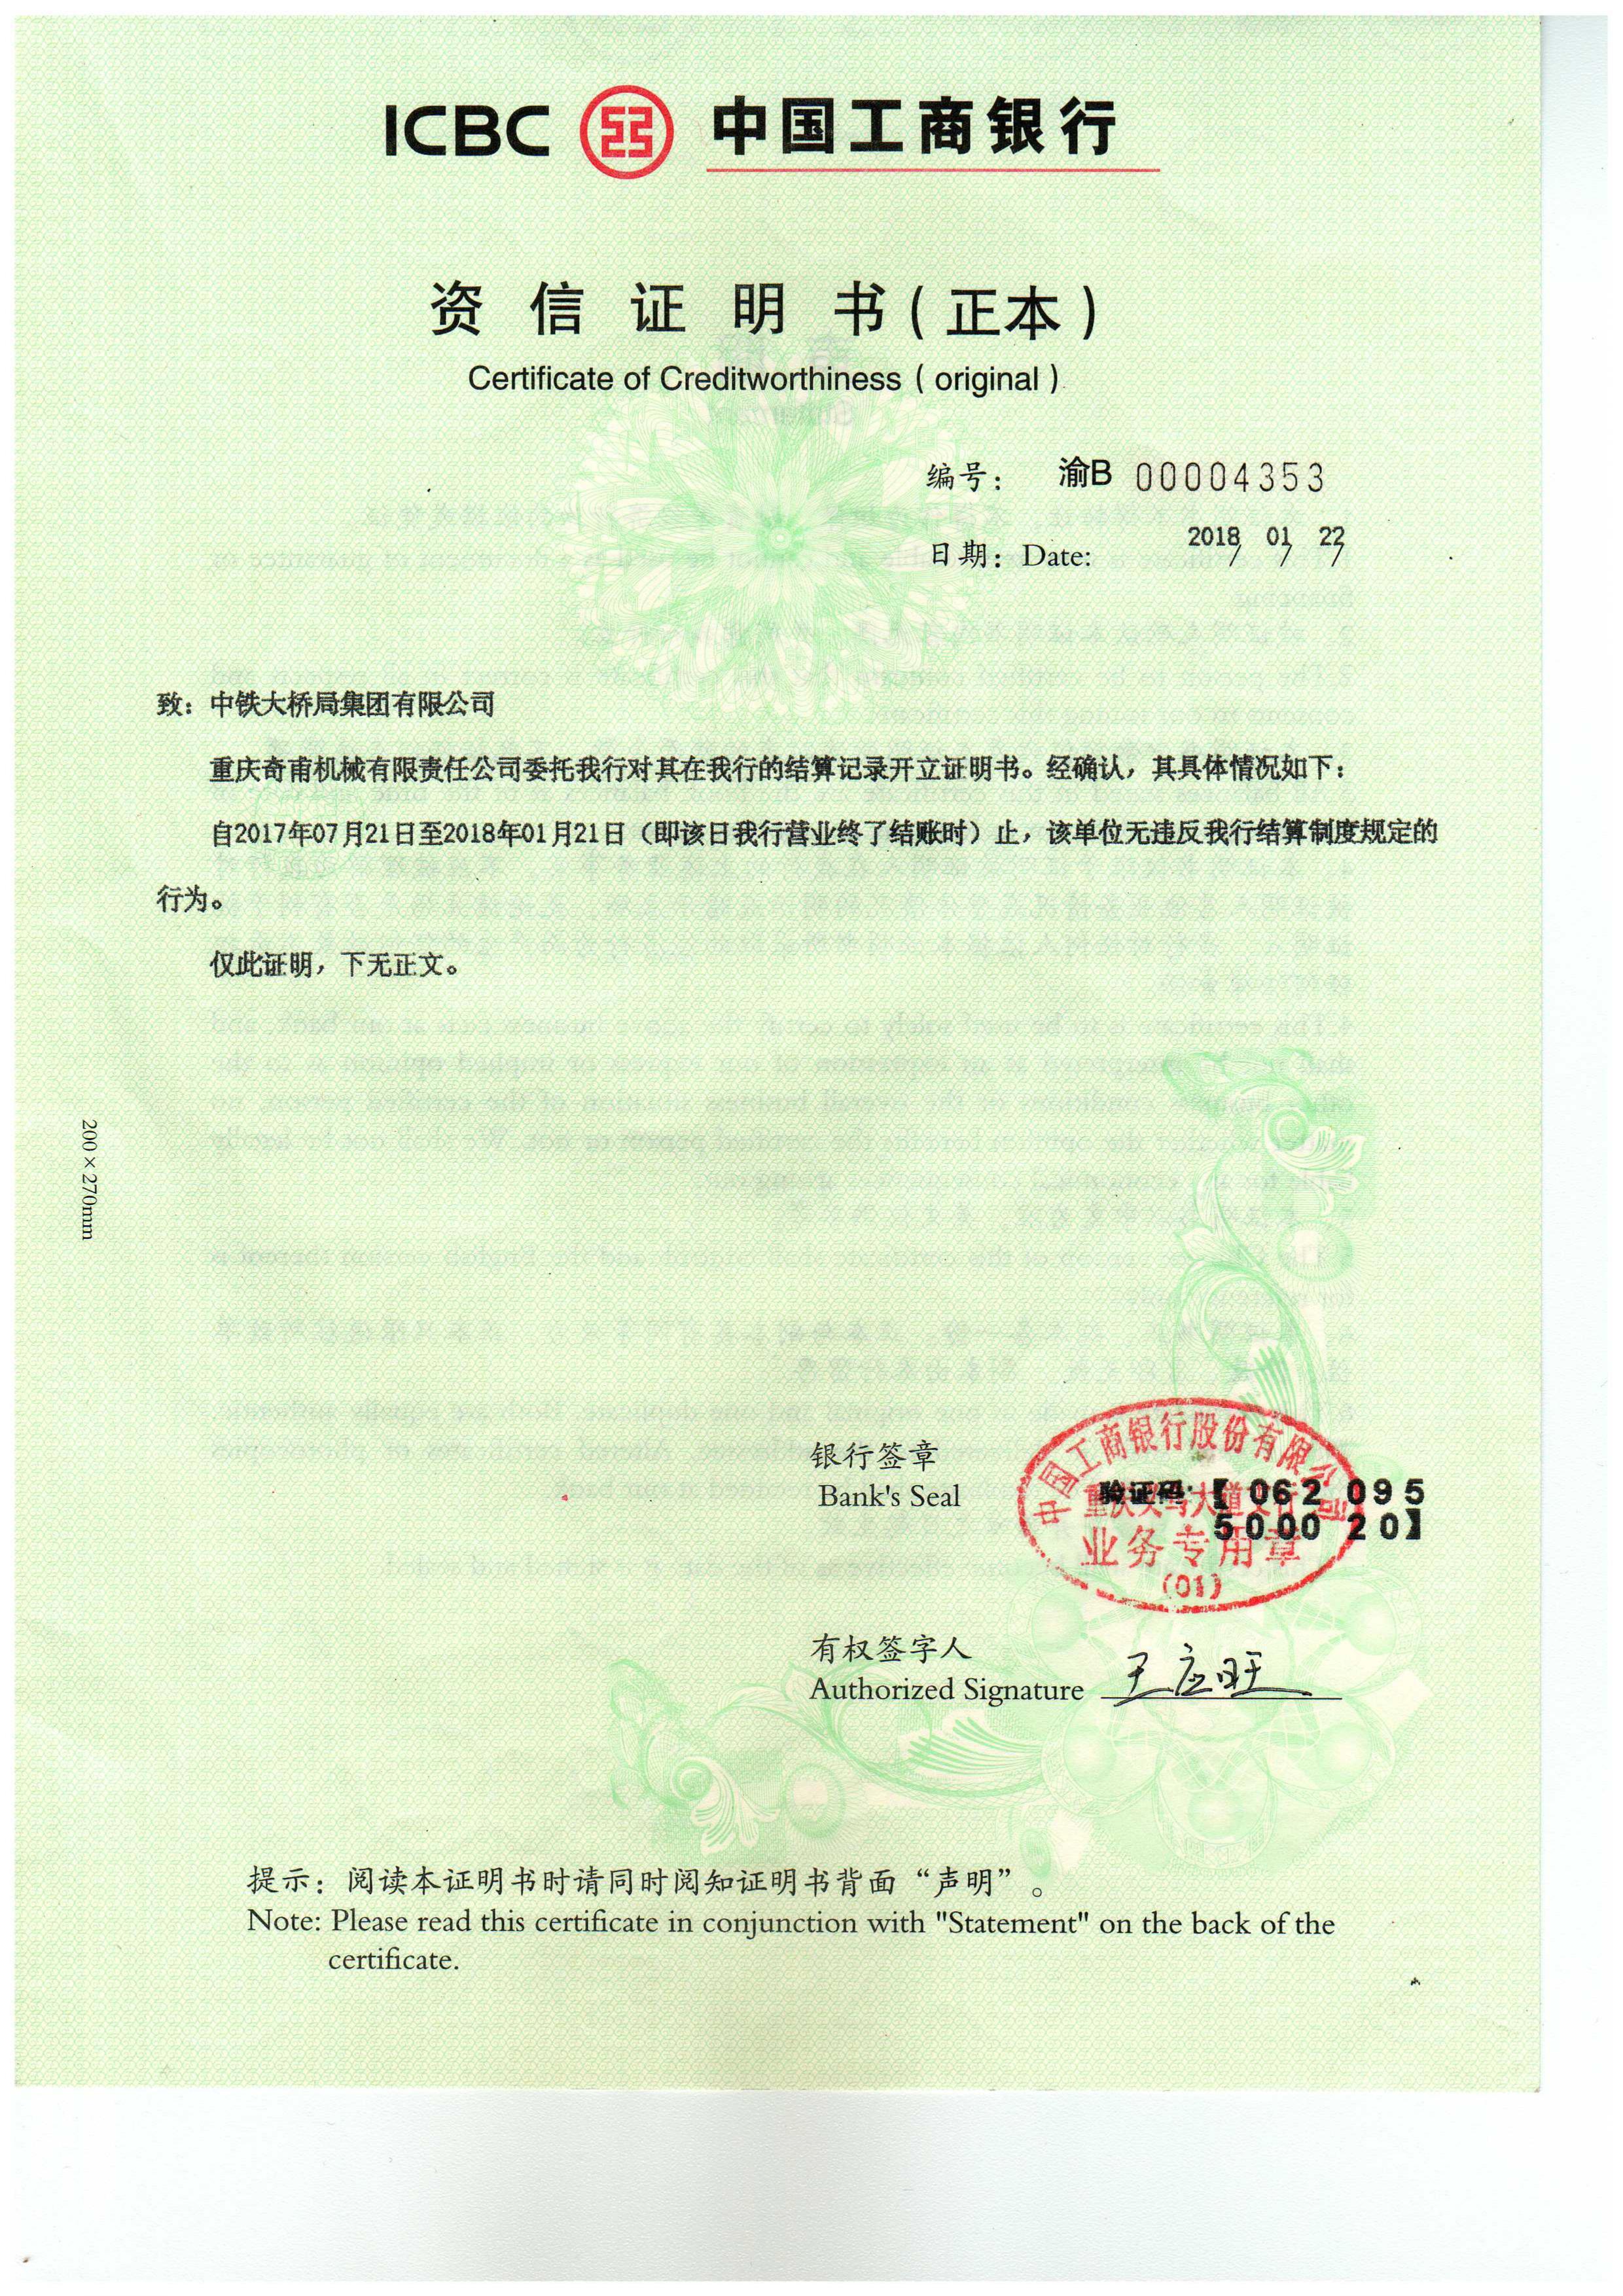 中国工商银行资信证明书